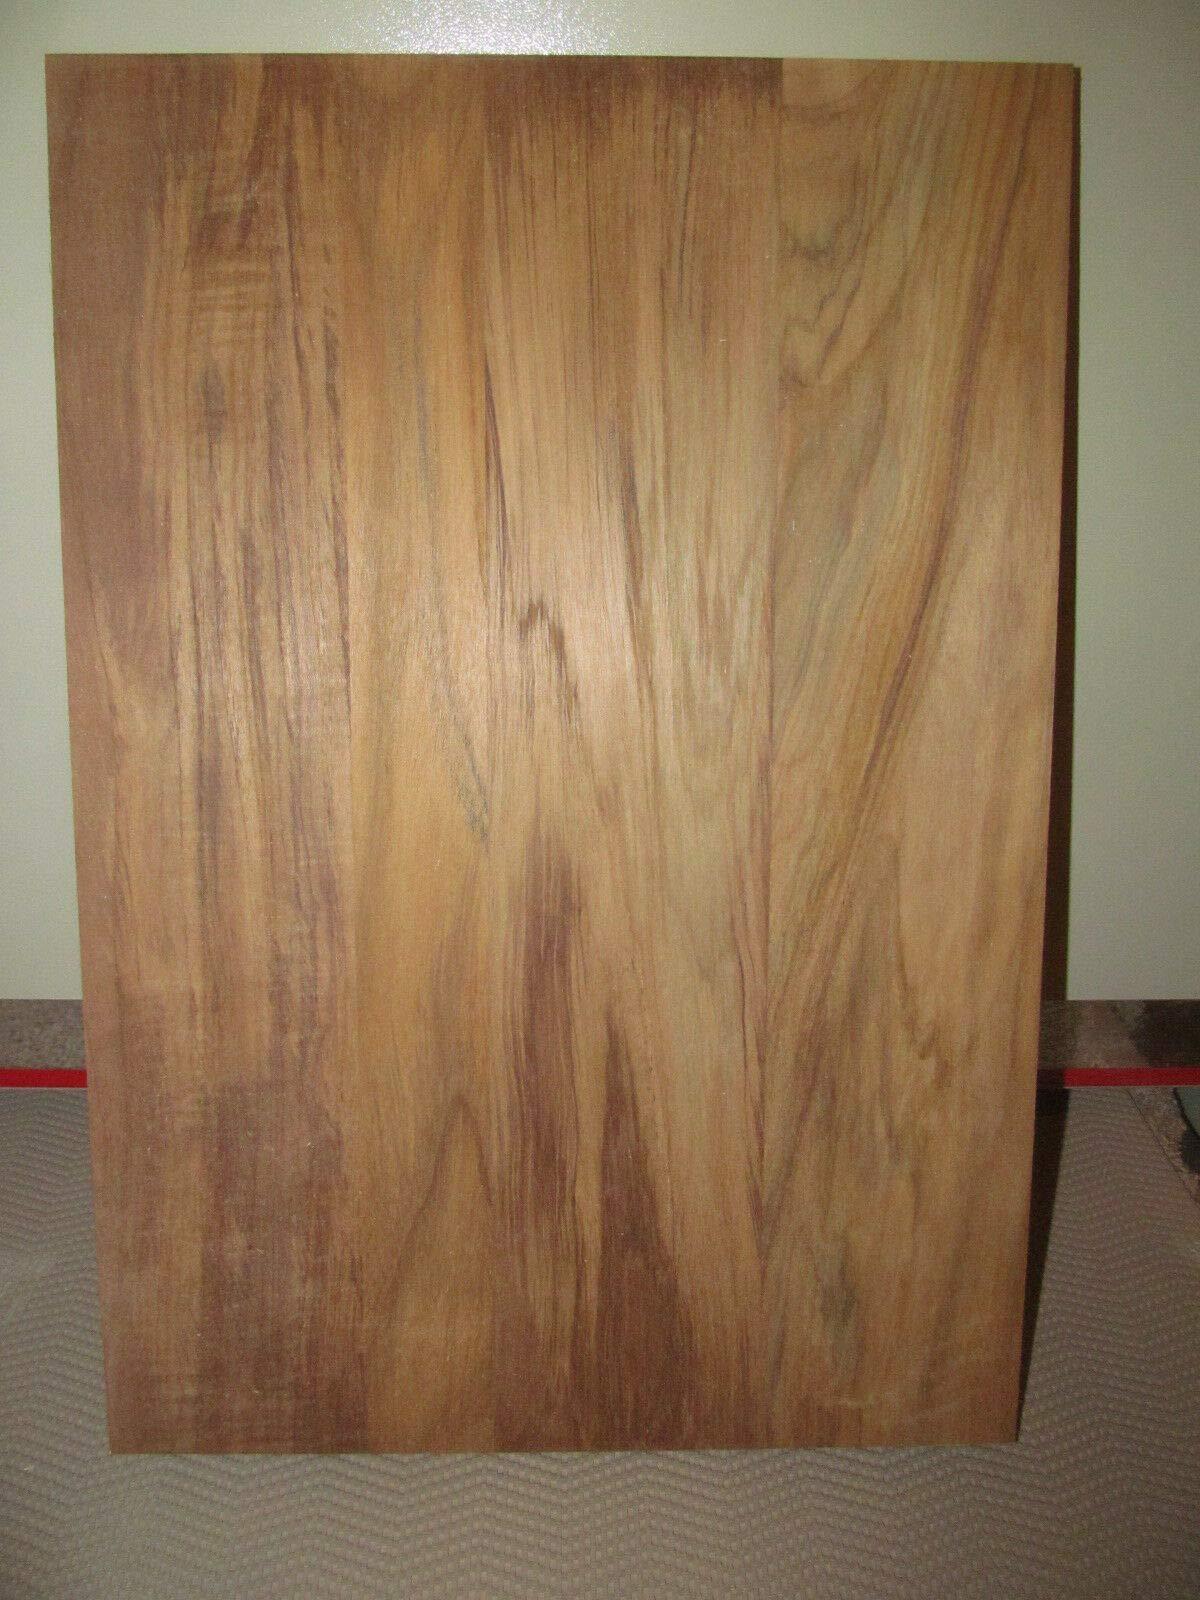 Wide Sanded KILN Dried Teak Panels 14 X 24 X 3/4'' by derevofeed